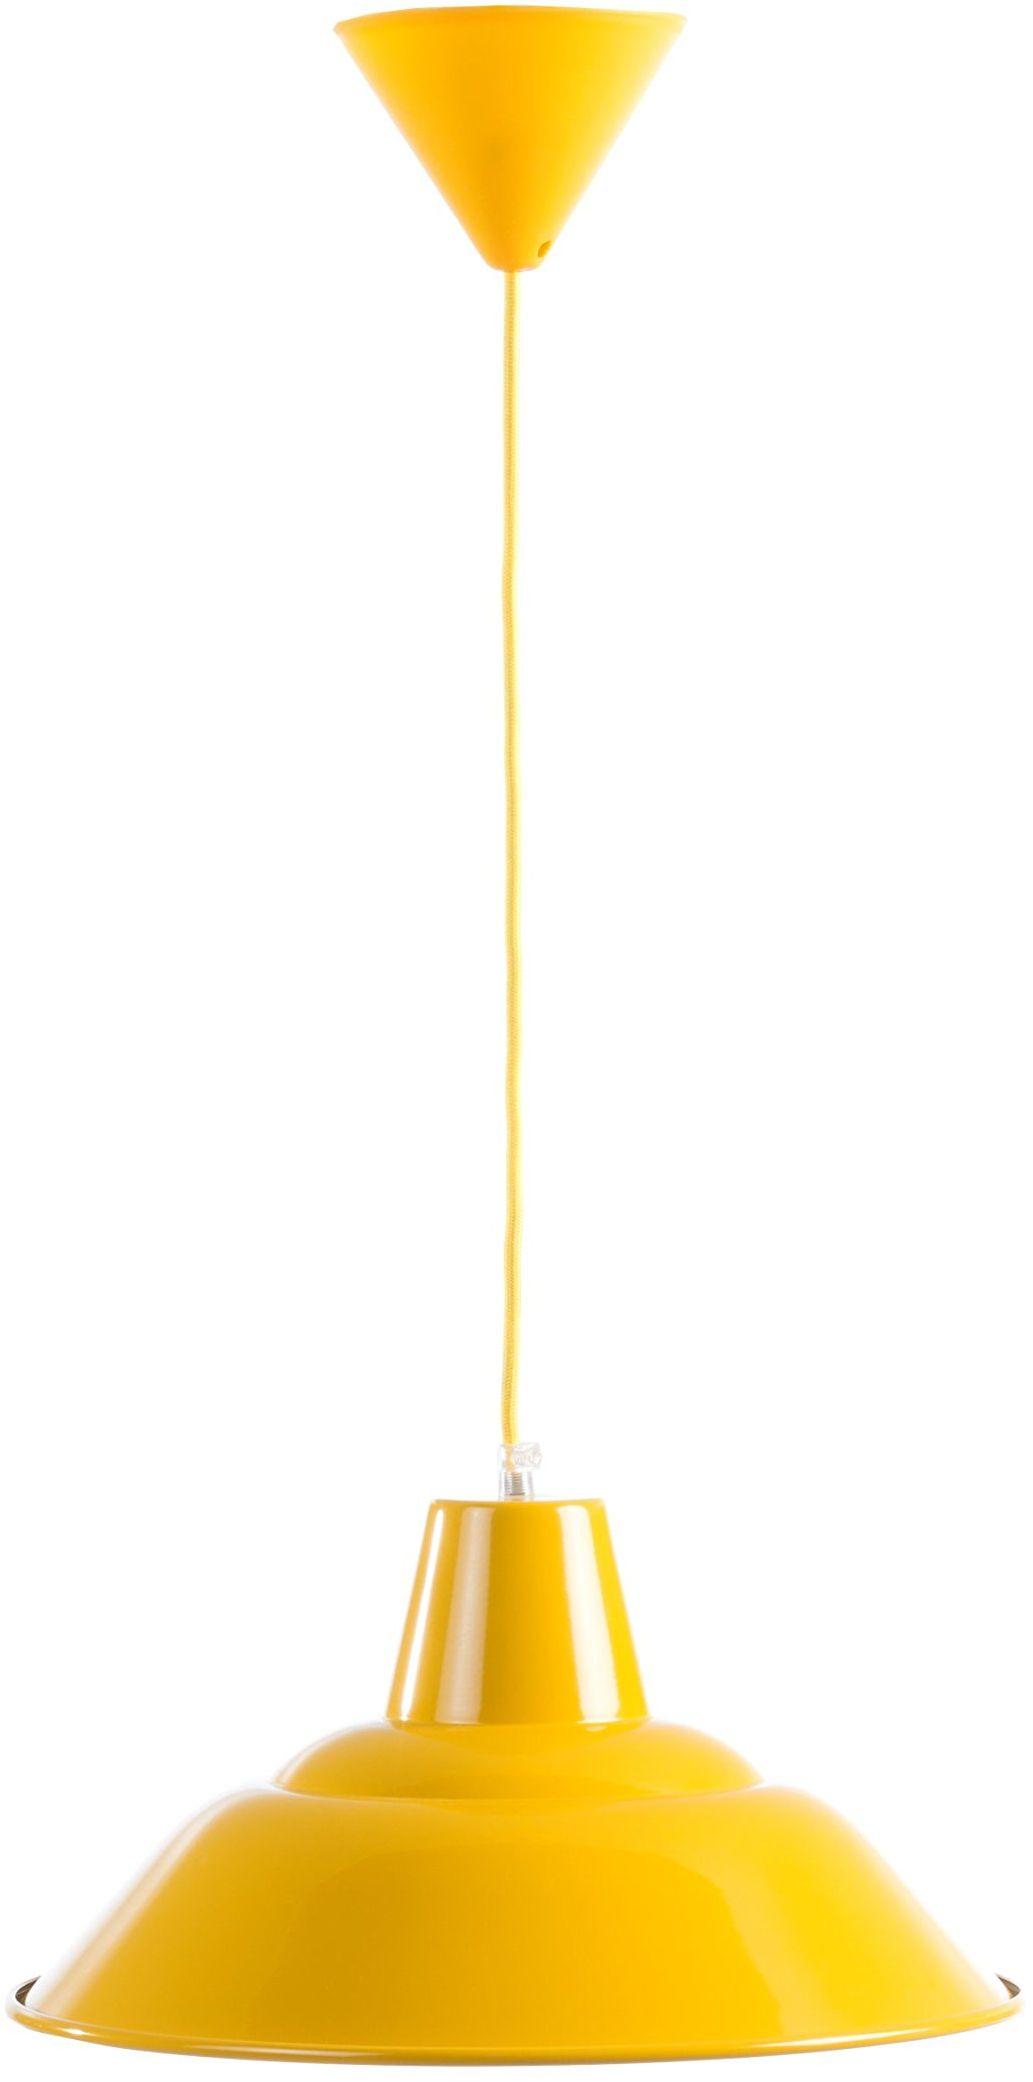 Els Banys Nirvana 36  lampa wisząca, kolor musztardowy (dostępna w różnych kolorach)